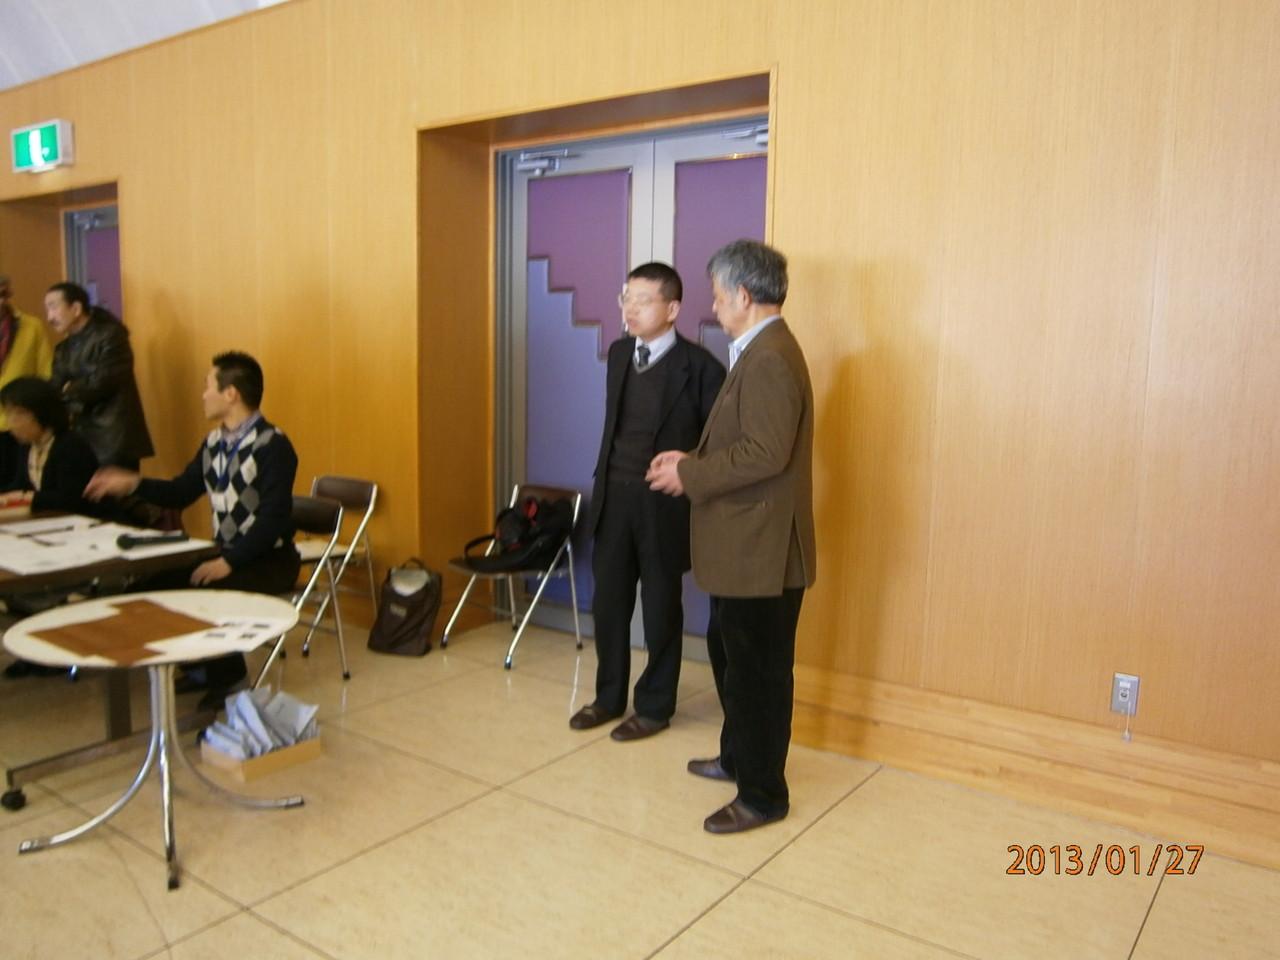 勝又先生と上原先生。いい大会にするためにさらに緻密な相談をされているようです。